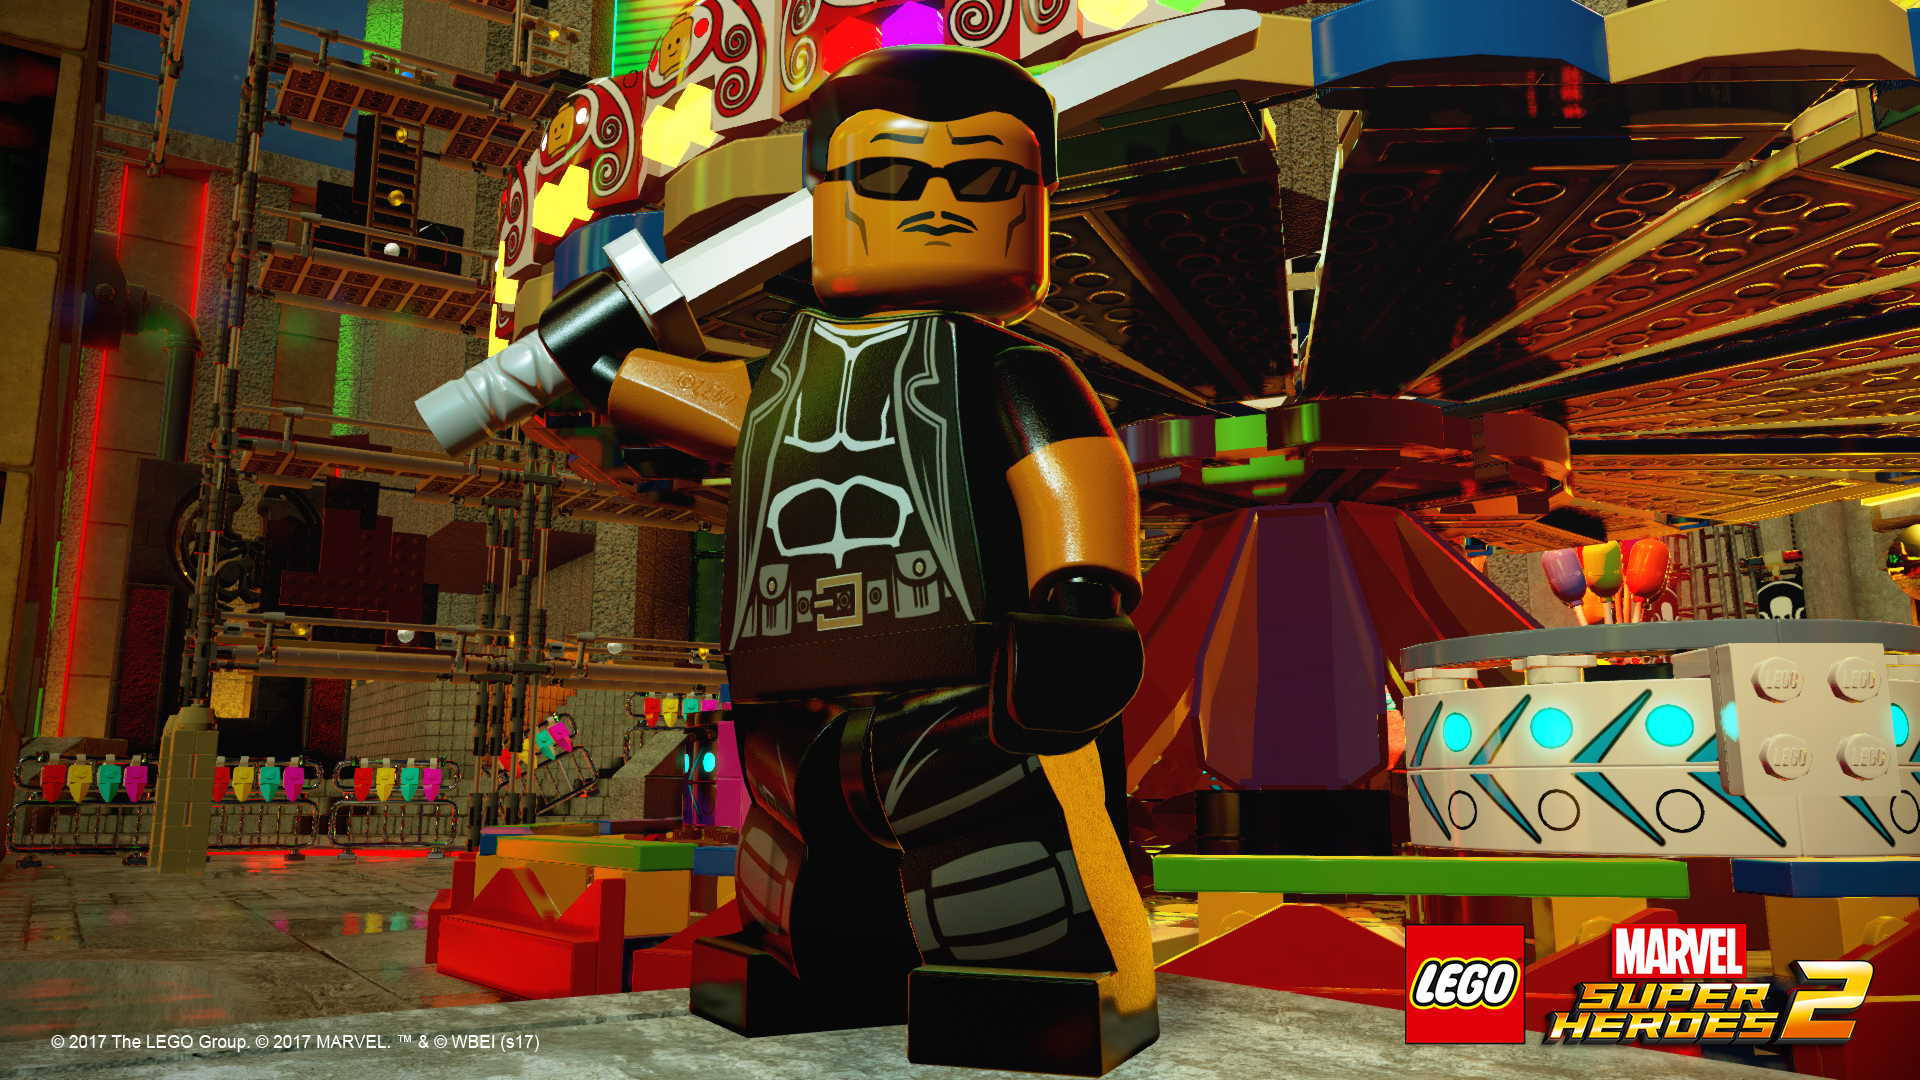 LEGO_Marvel_Super_Heroes_2_-_Blade_1507794988